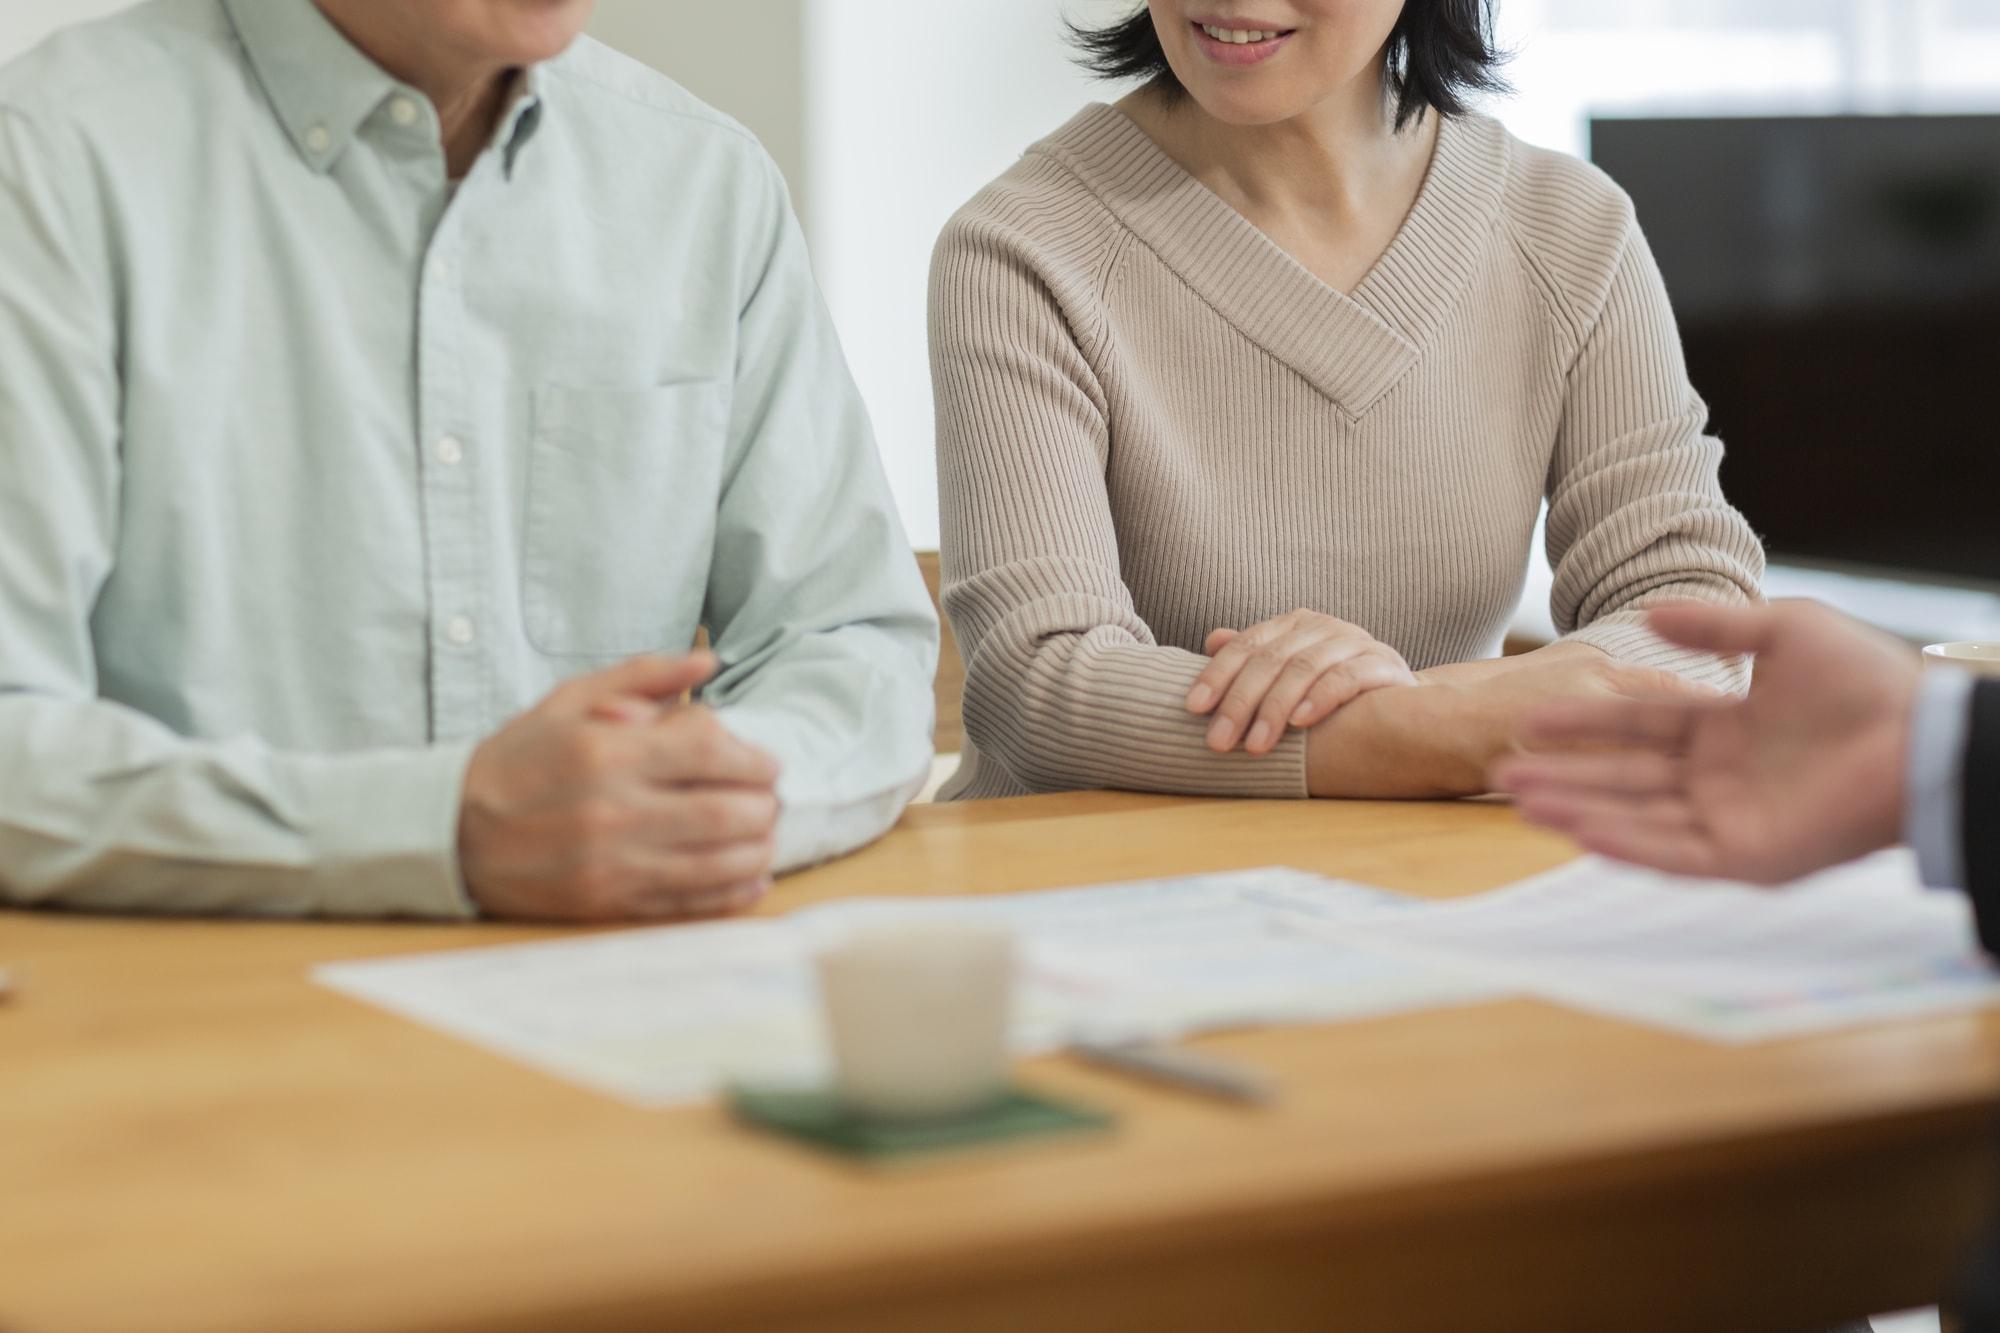 保険契約における諾成契約とは?わかりやすく解説します